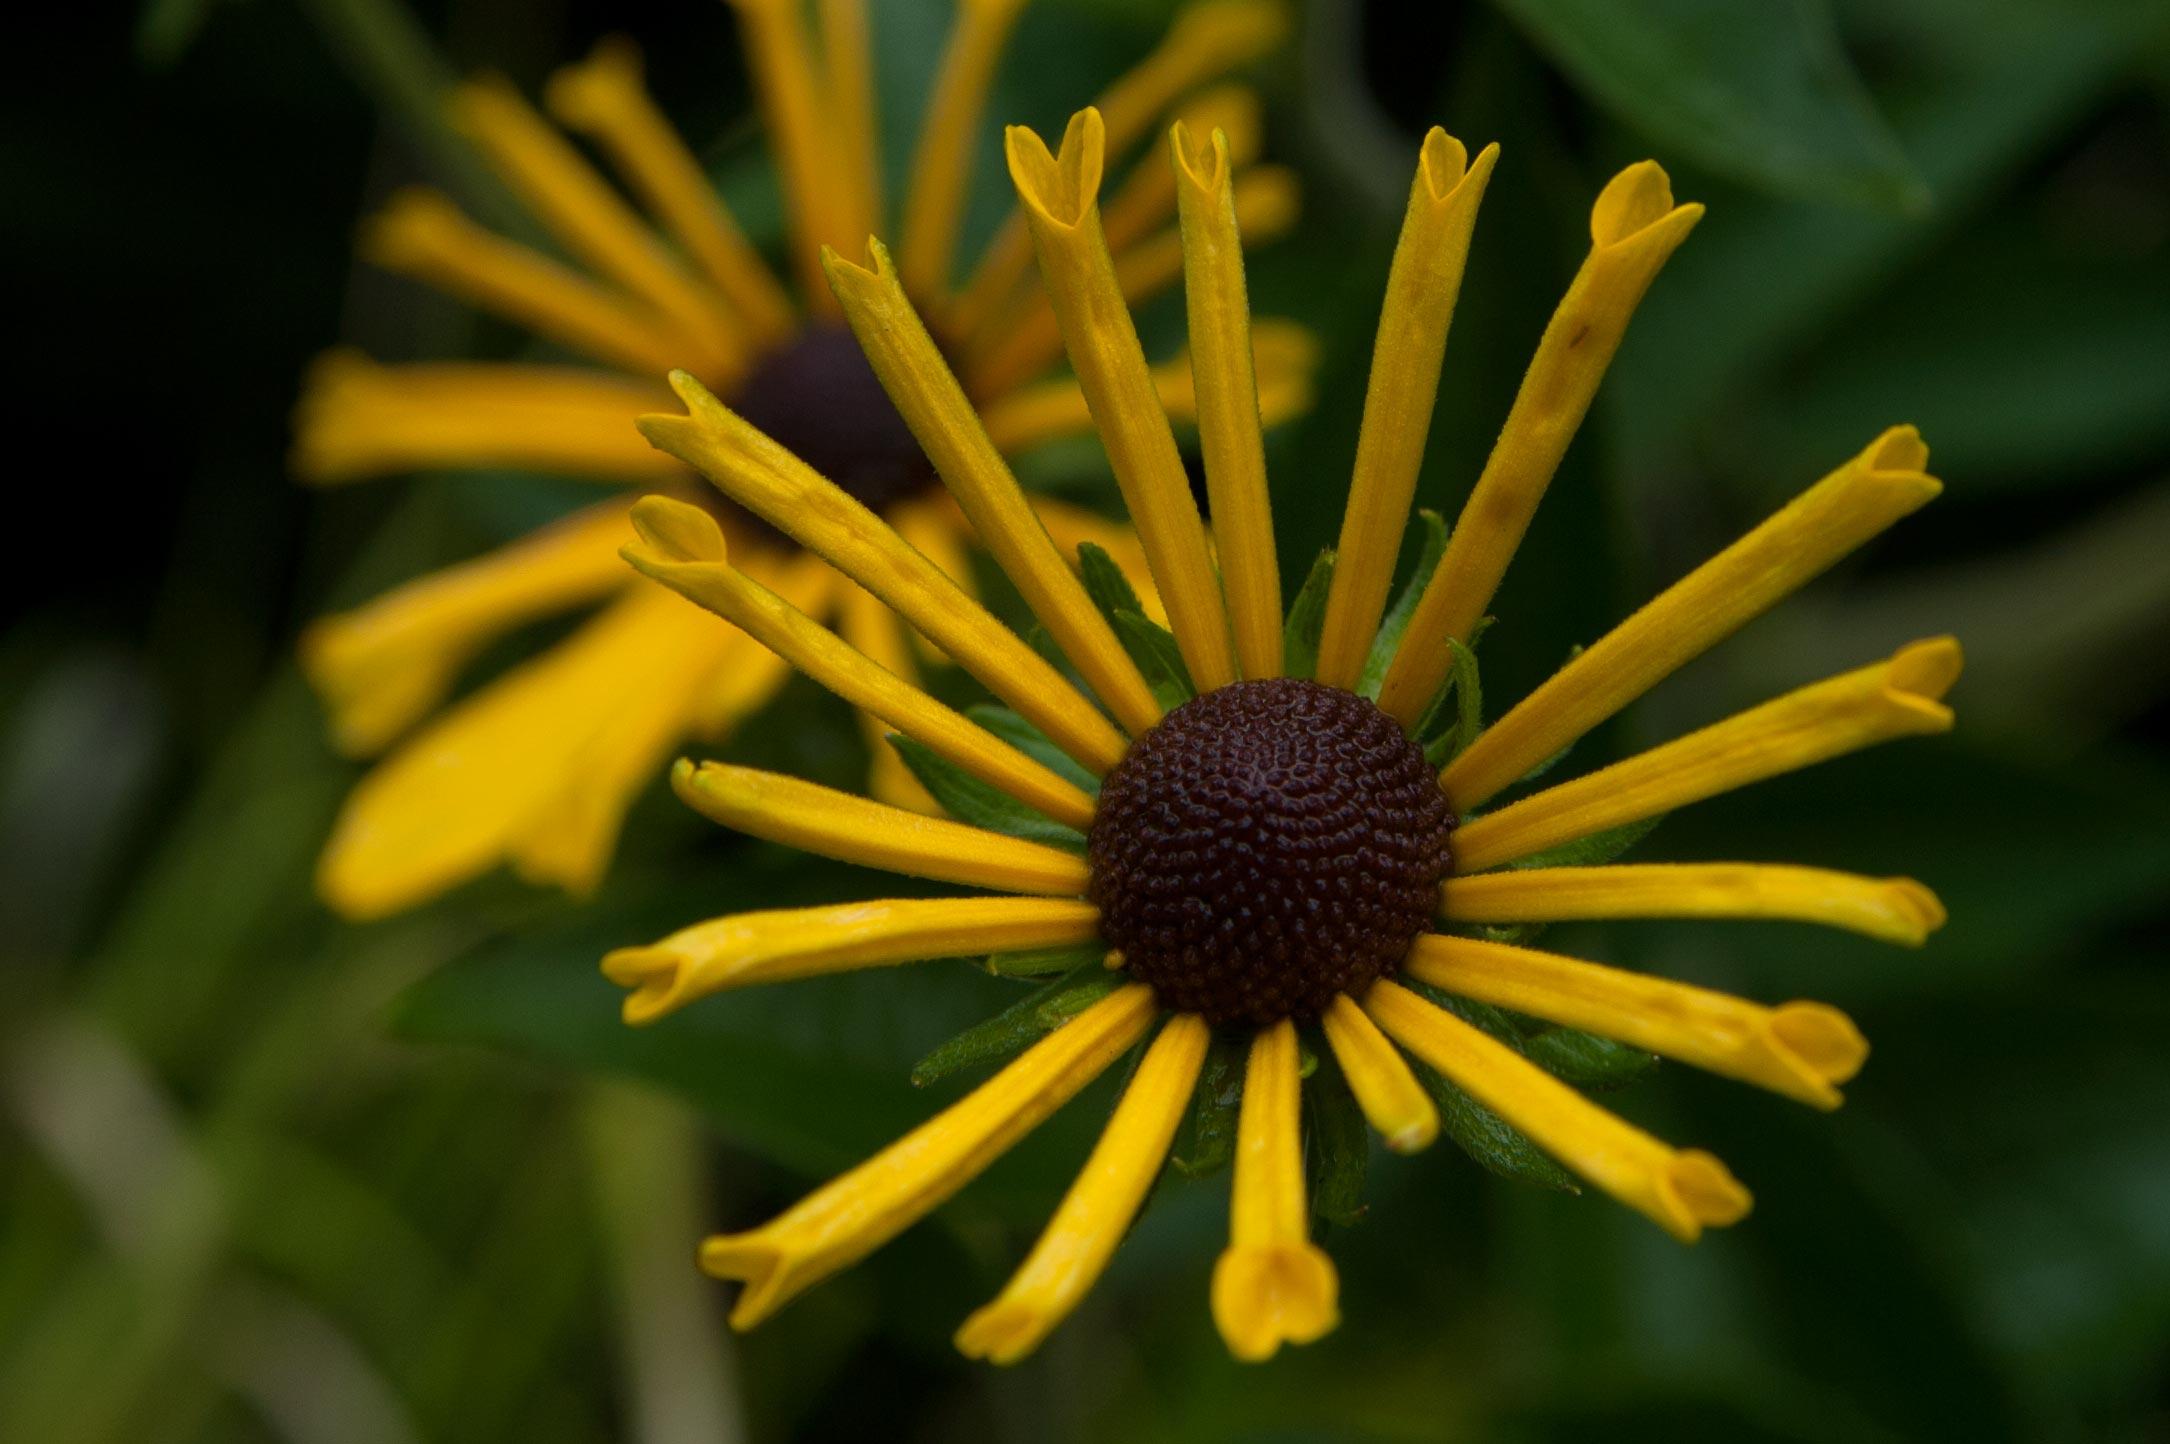 yellowflower2.jpg